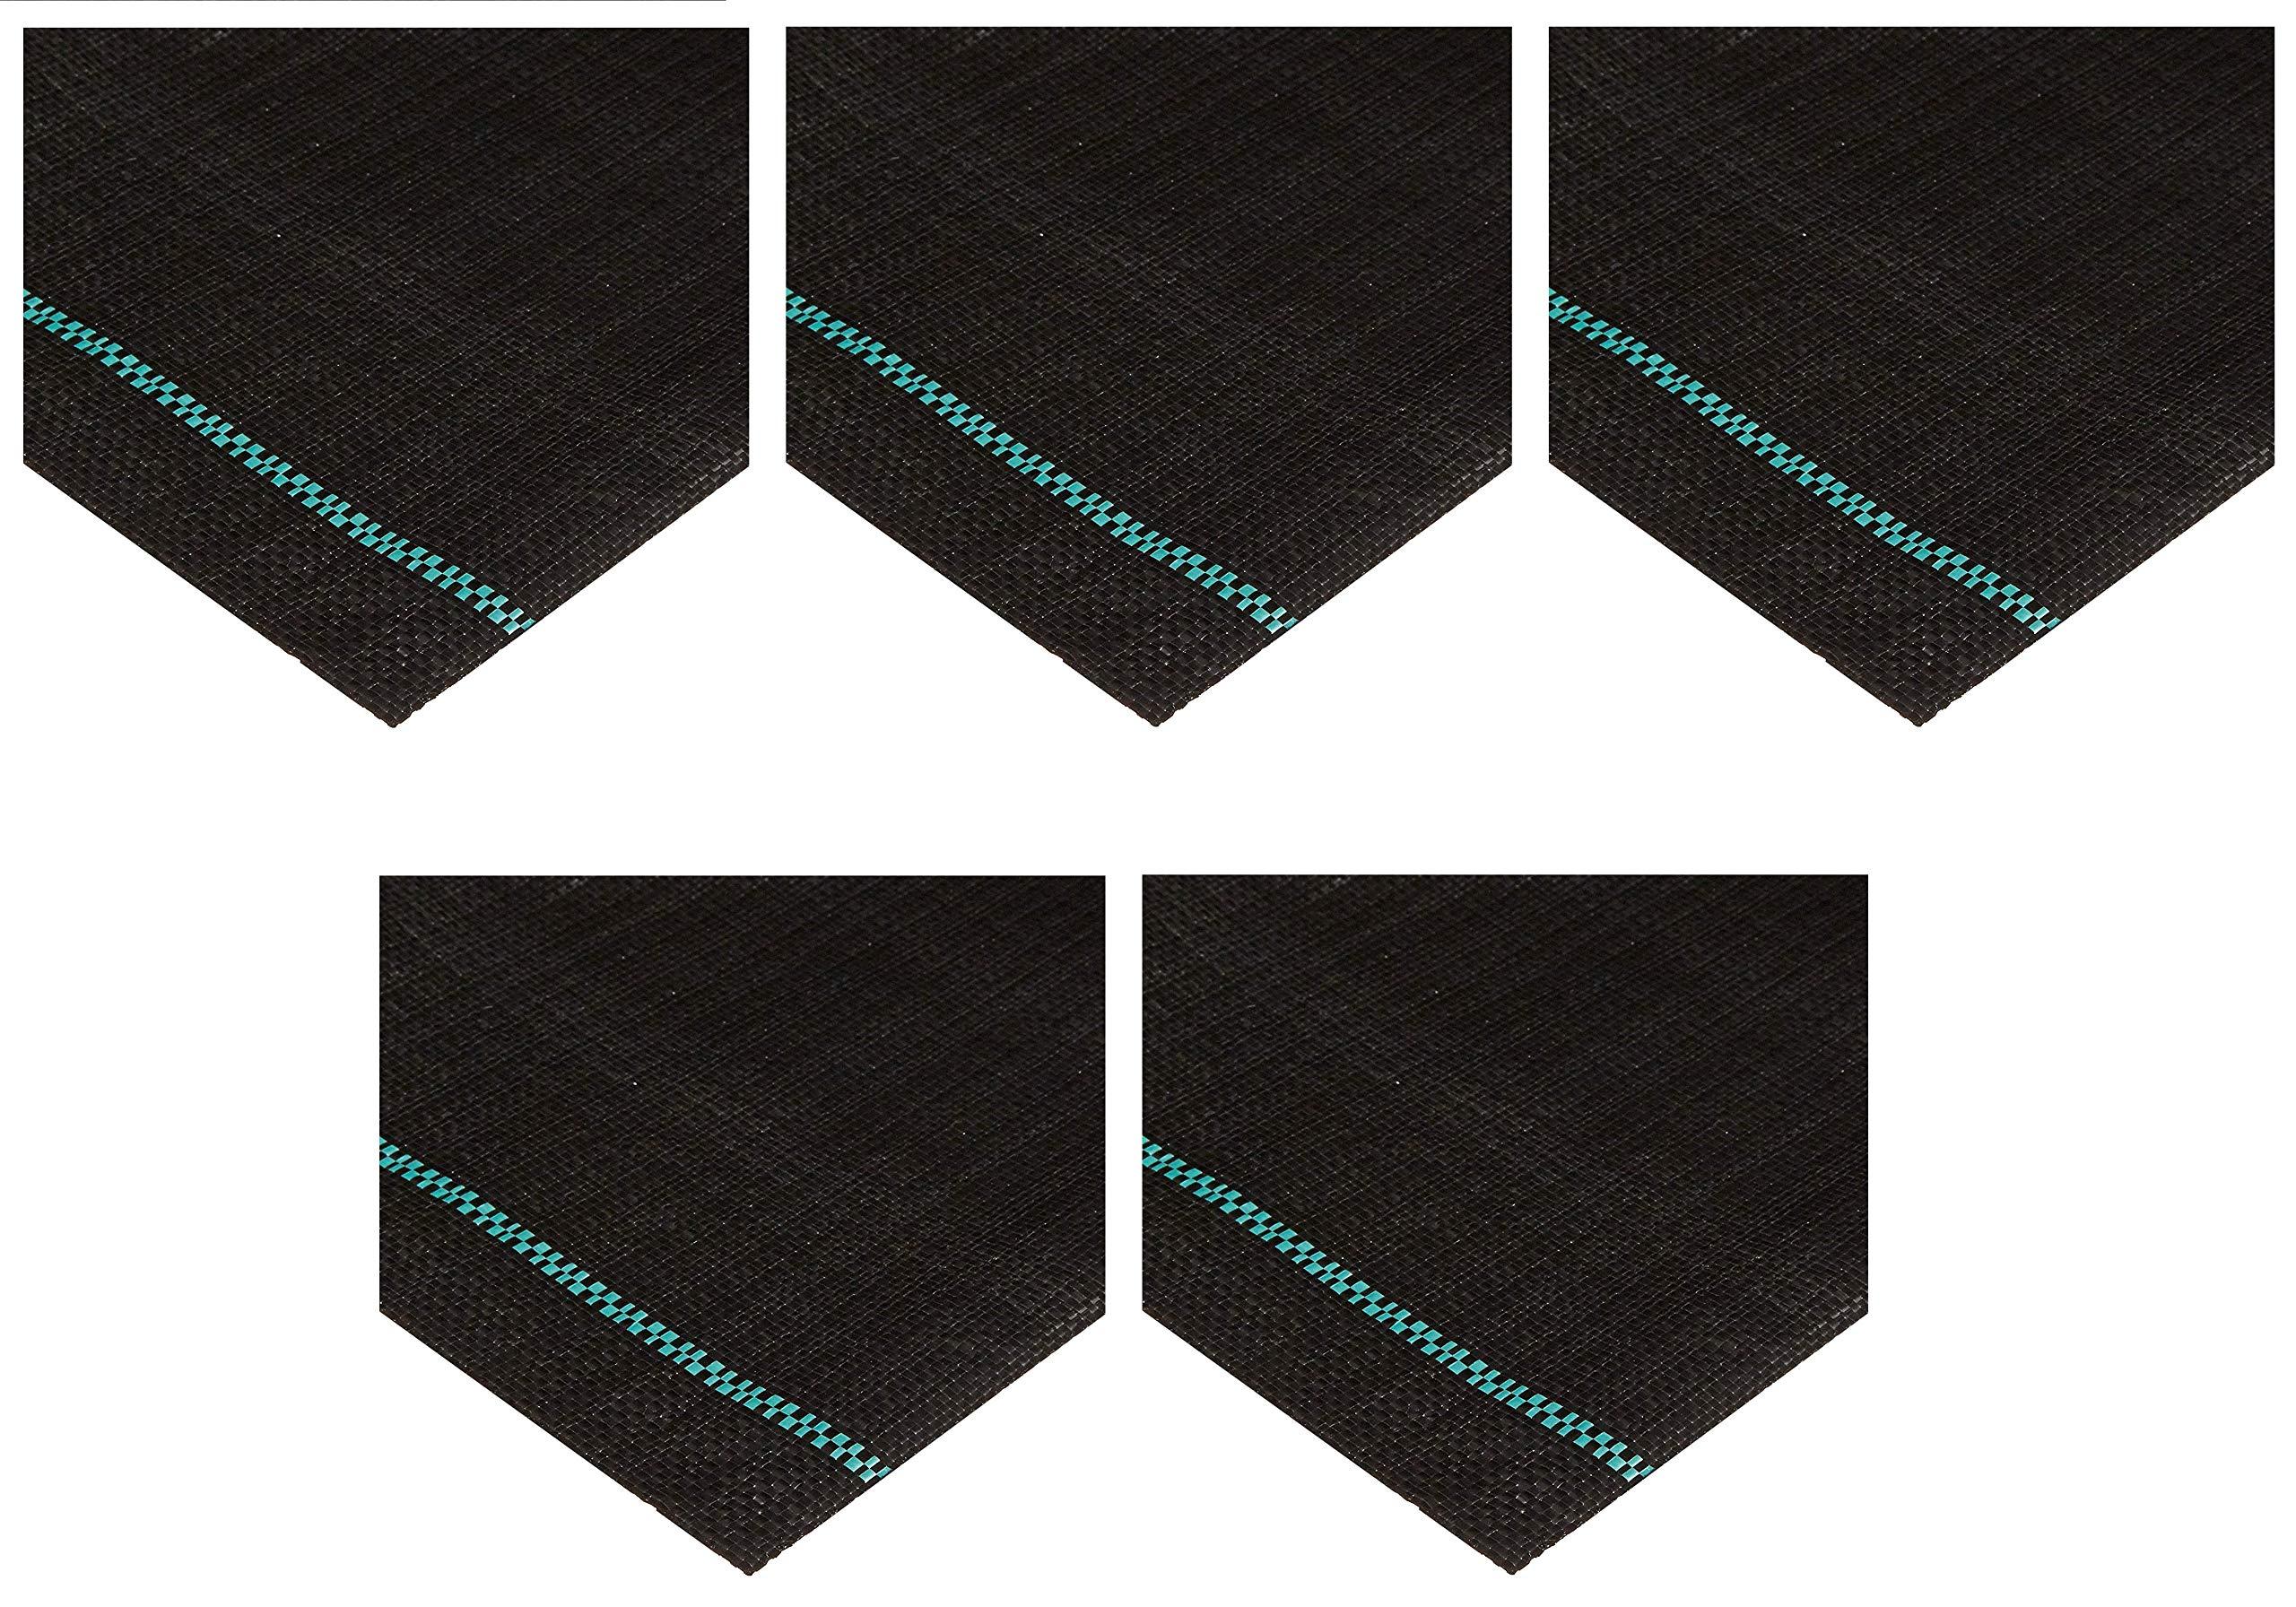 Mutual WF200 Tire Scrub Fabric Driveway Kit, 54' Length x 12-1/2' Width (Вundlе оf Fіvе)